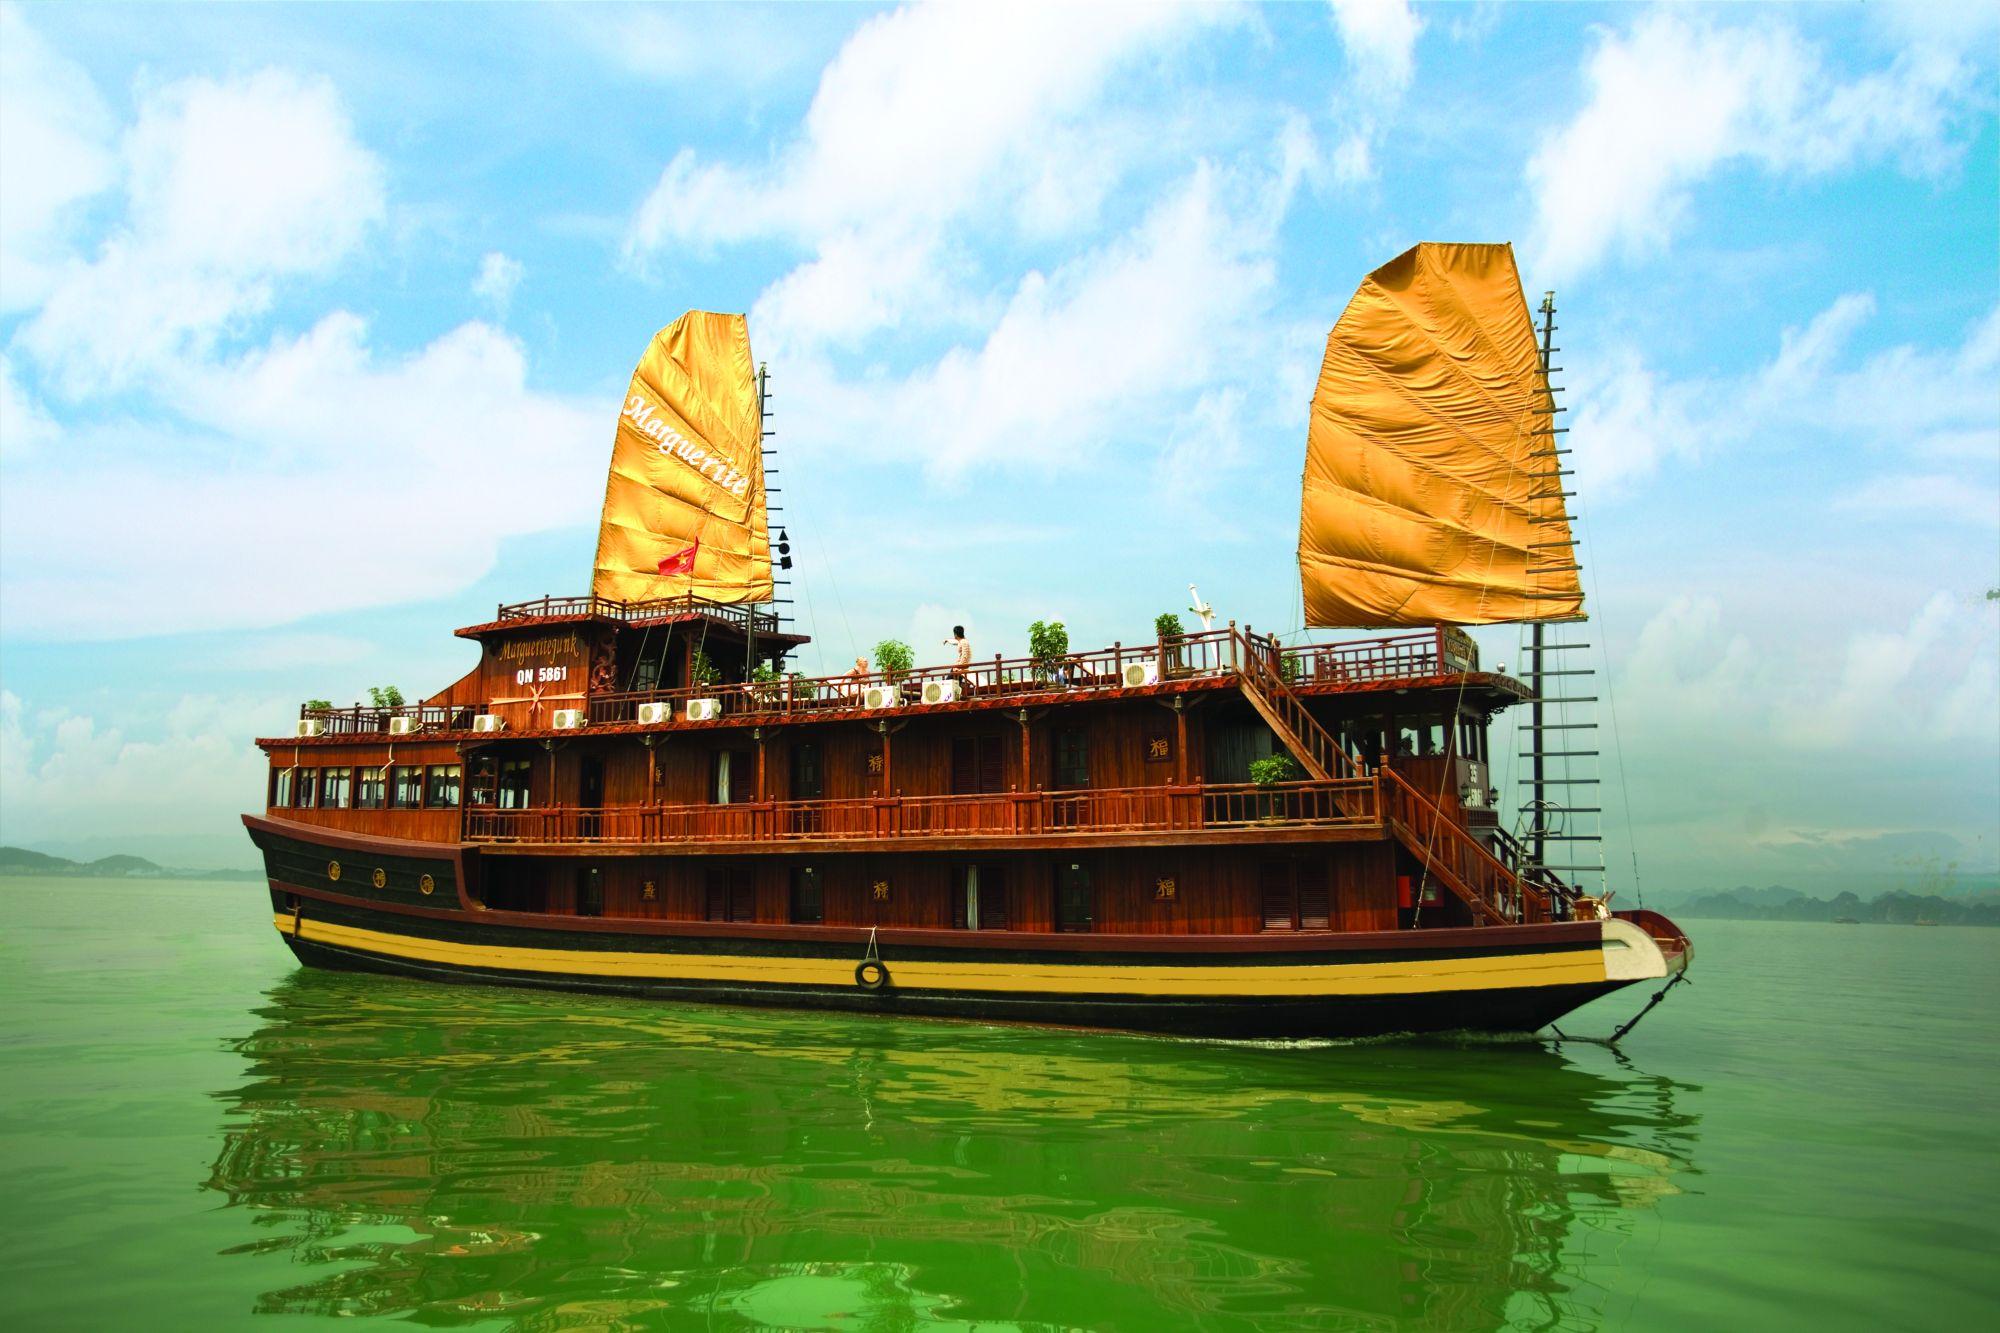 Du thuyền Marguerite Hạ Long 3 ngày 2 đêm